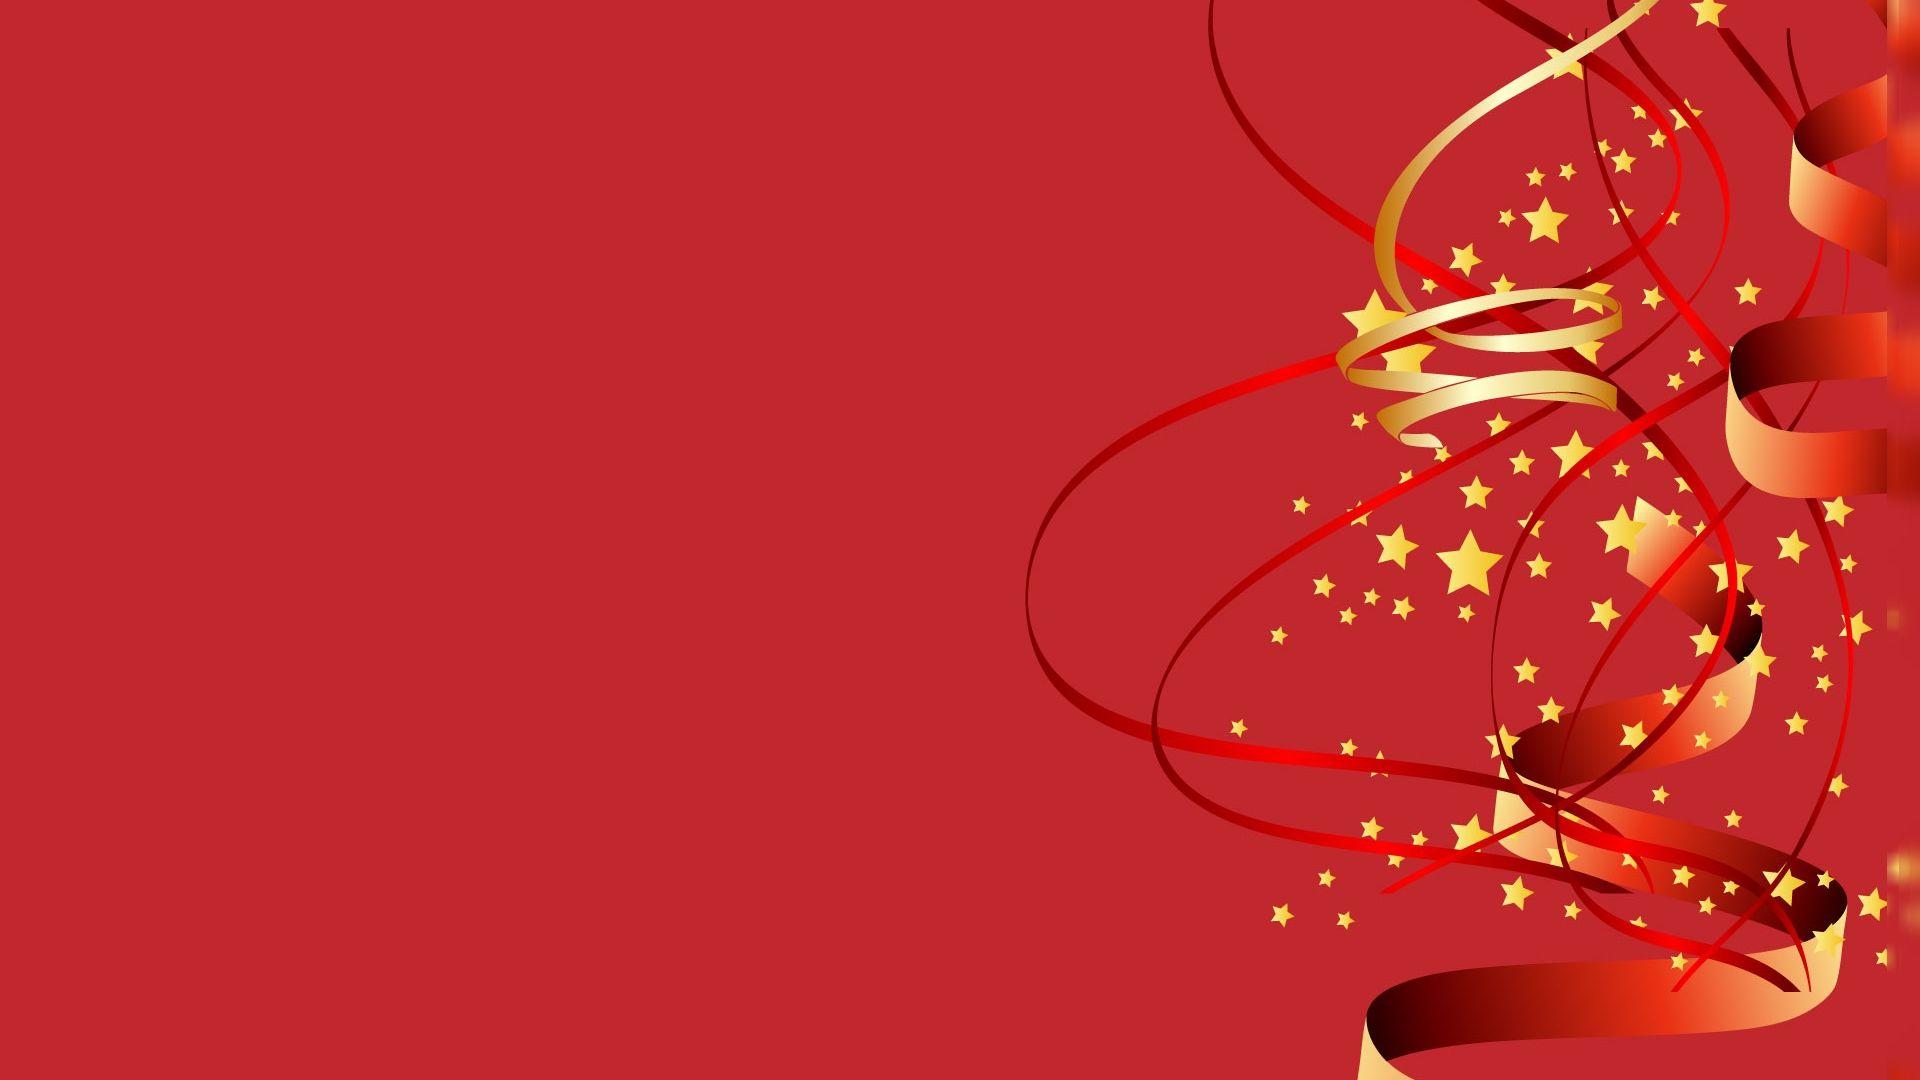 Happy Birthday Desktop, red background, vector Image Wallpaper ...